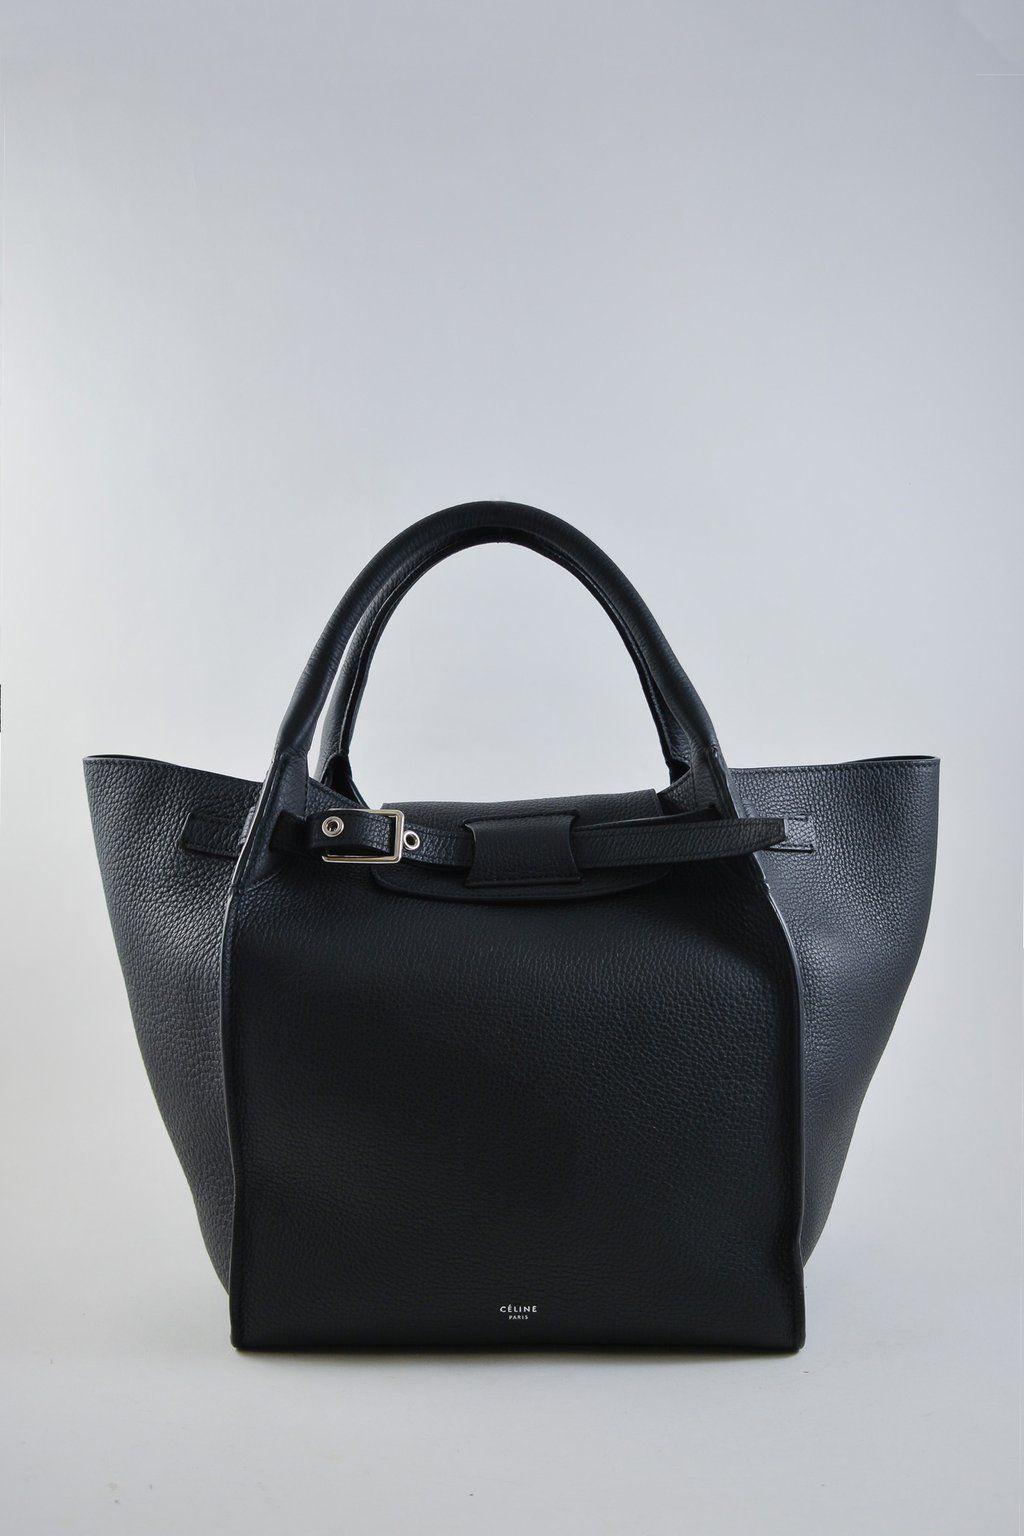 72796f6b225 Celine Black Small